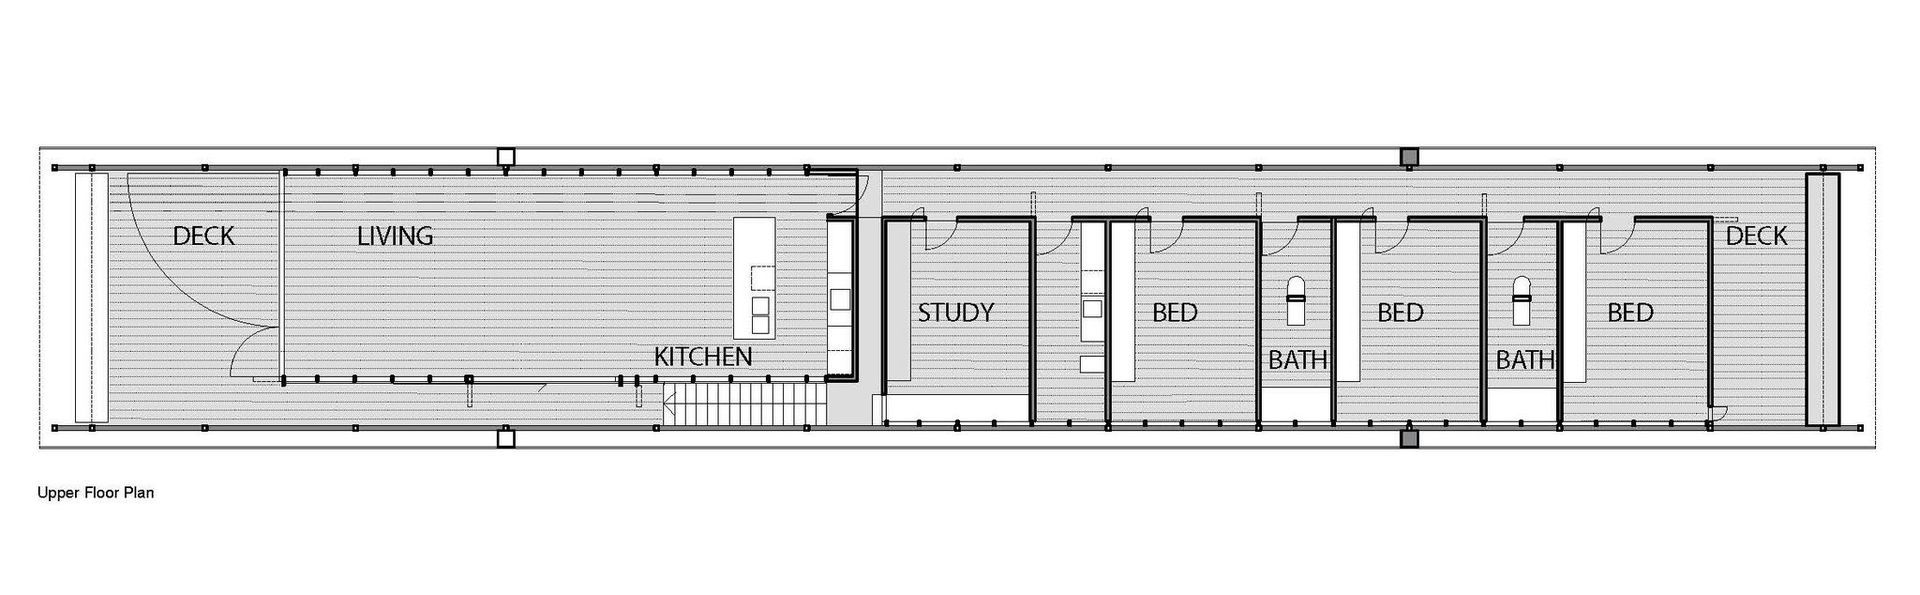 Category St Andrews Beach House Beach House Beach House Plan Beach House Plans